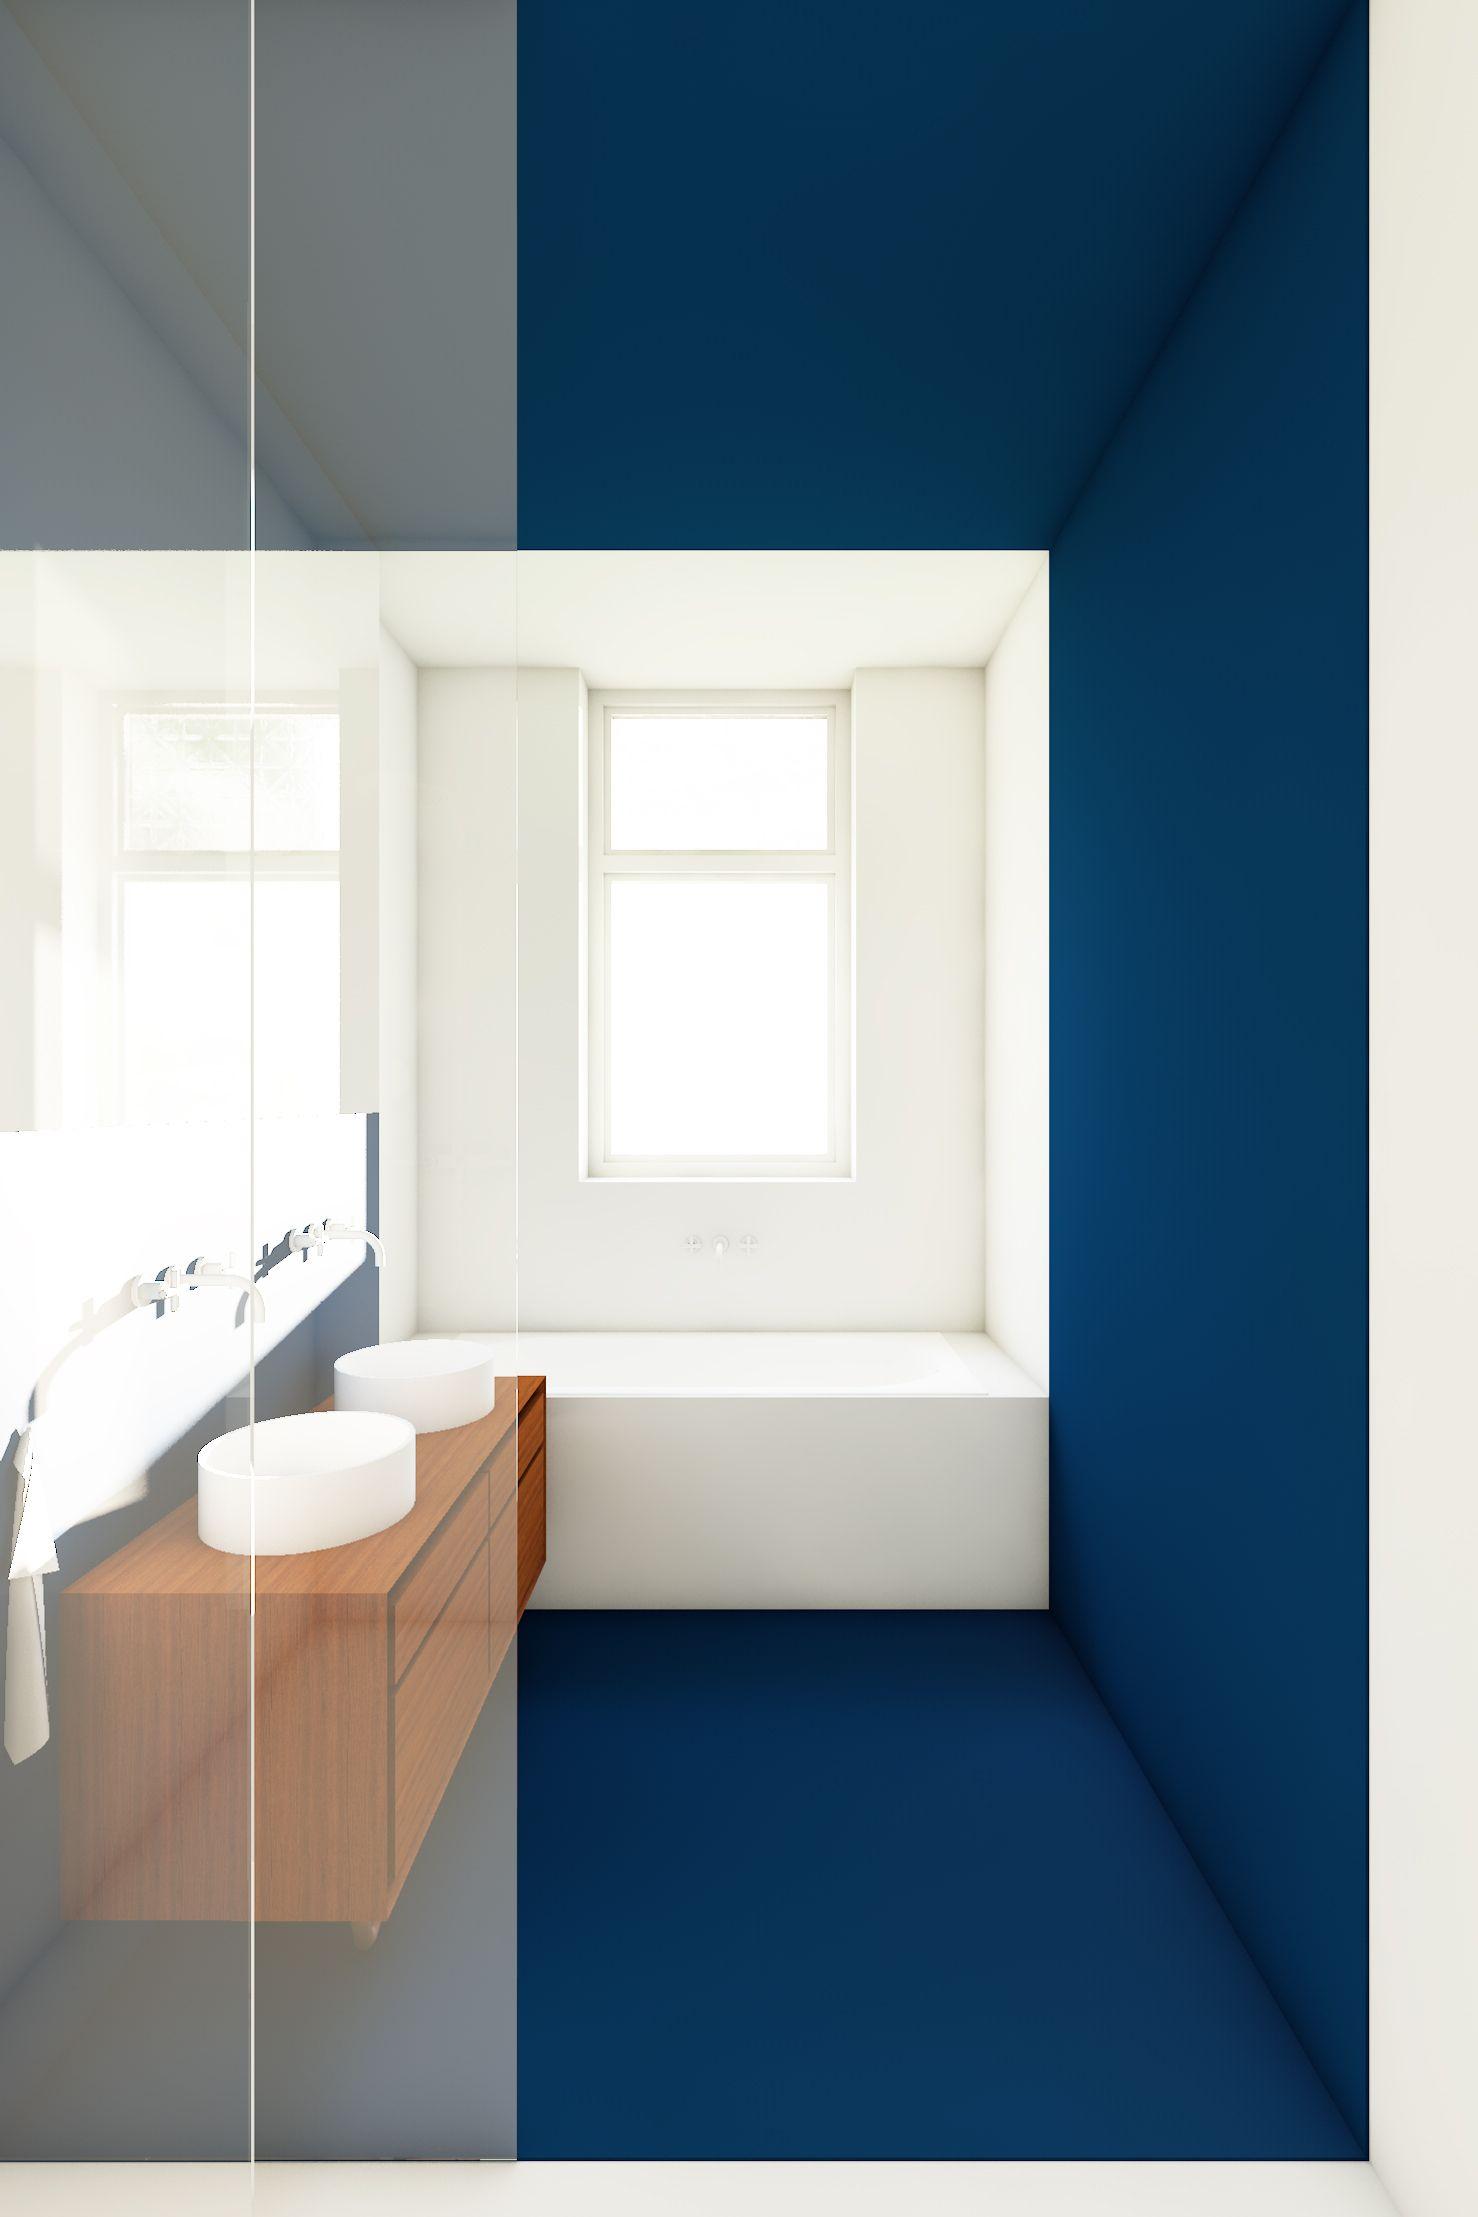 badkamer in blauw en witte vlakverdeling met een inloopdouche